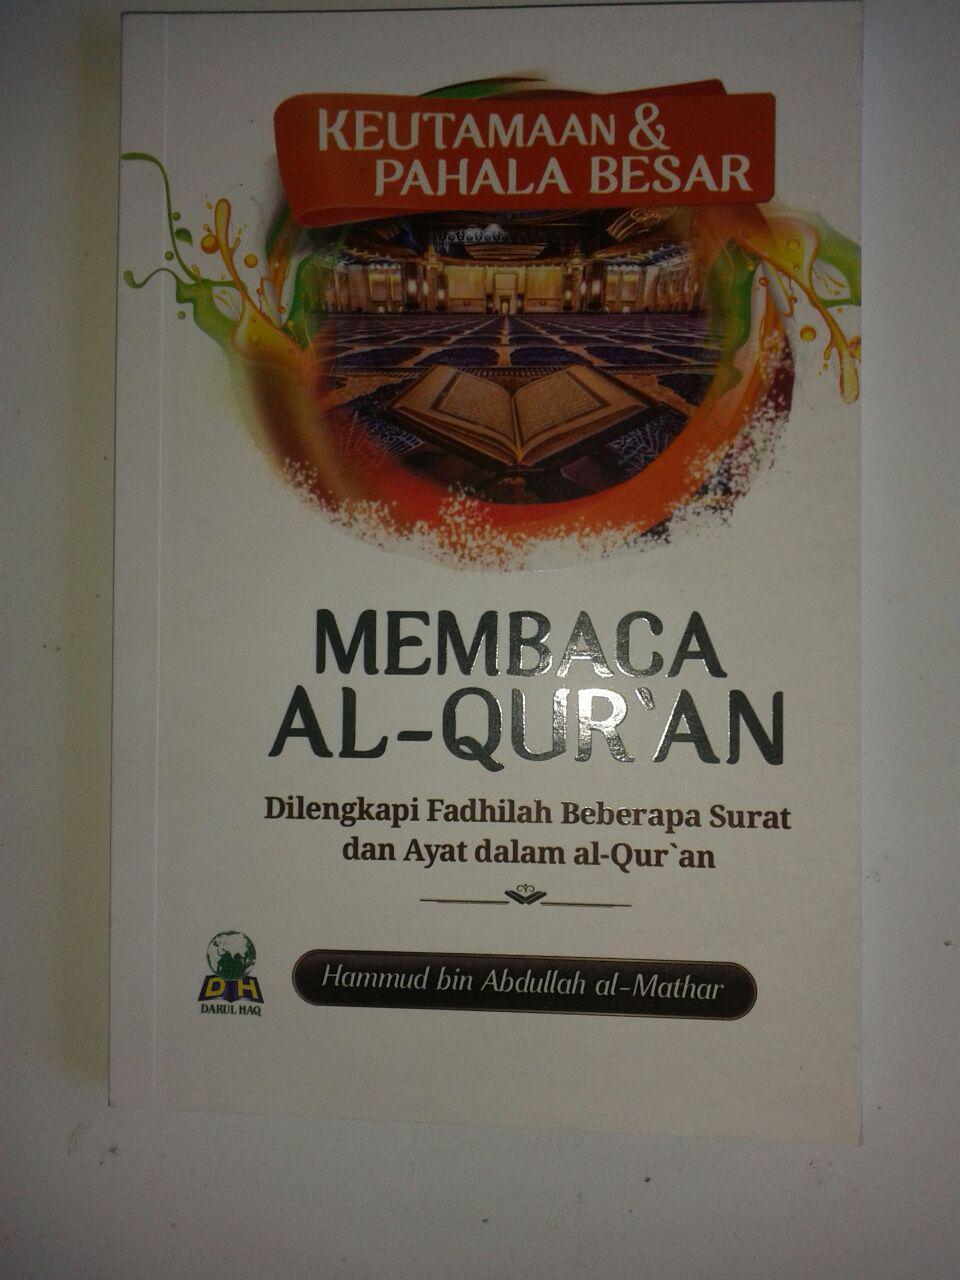 Buku Saku Keutamaan Dan Pahala Besar Membaca Al-Qur'an cover 2